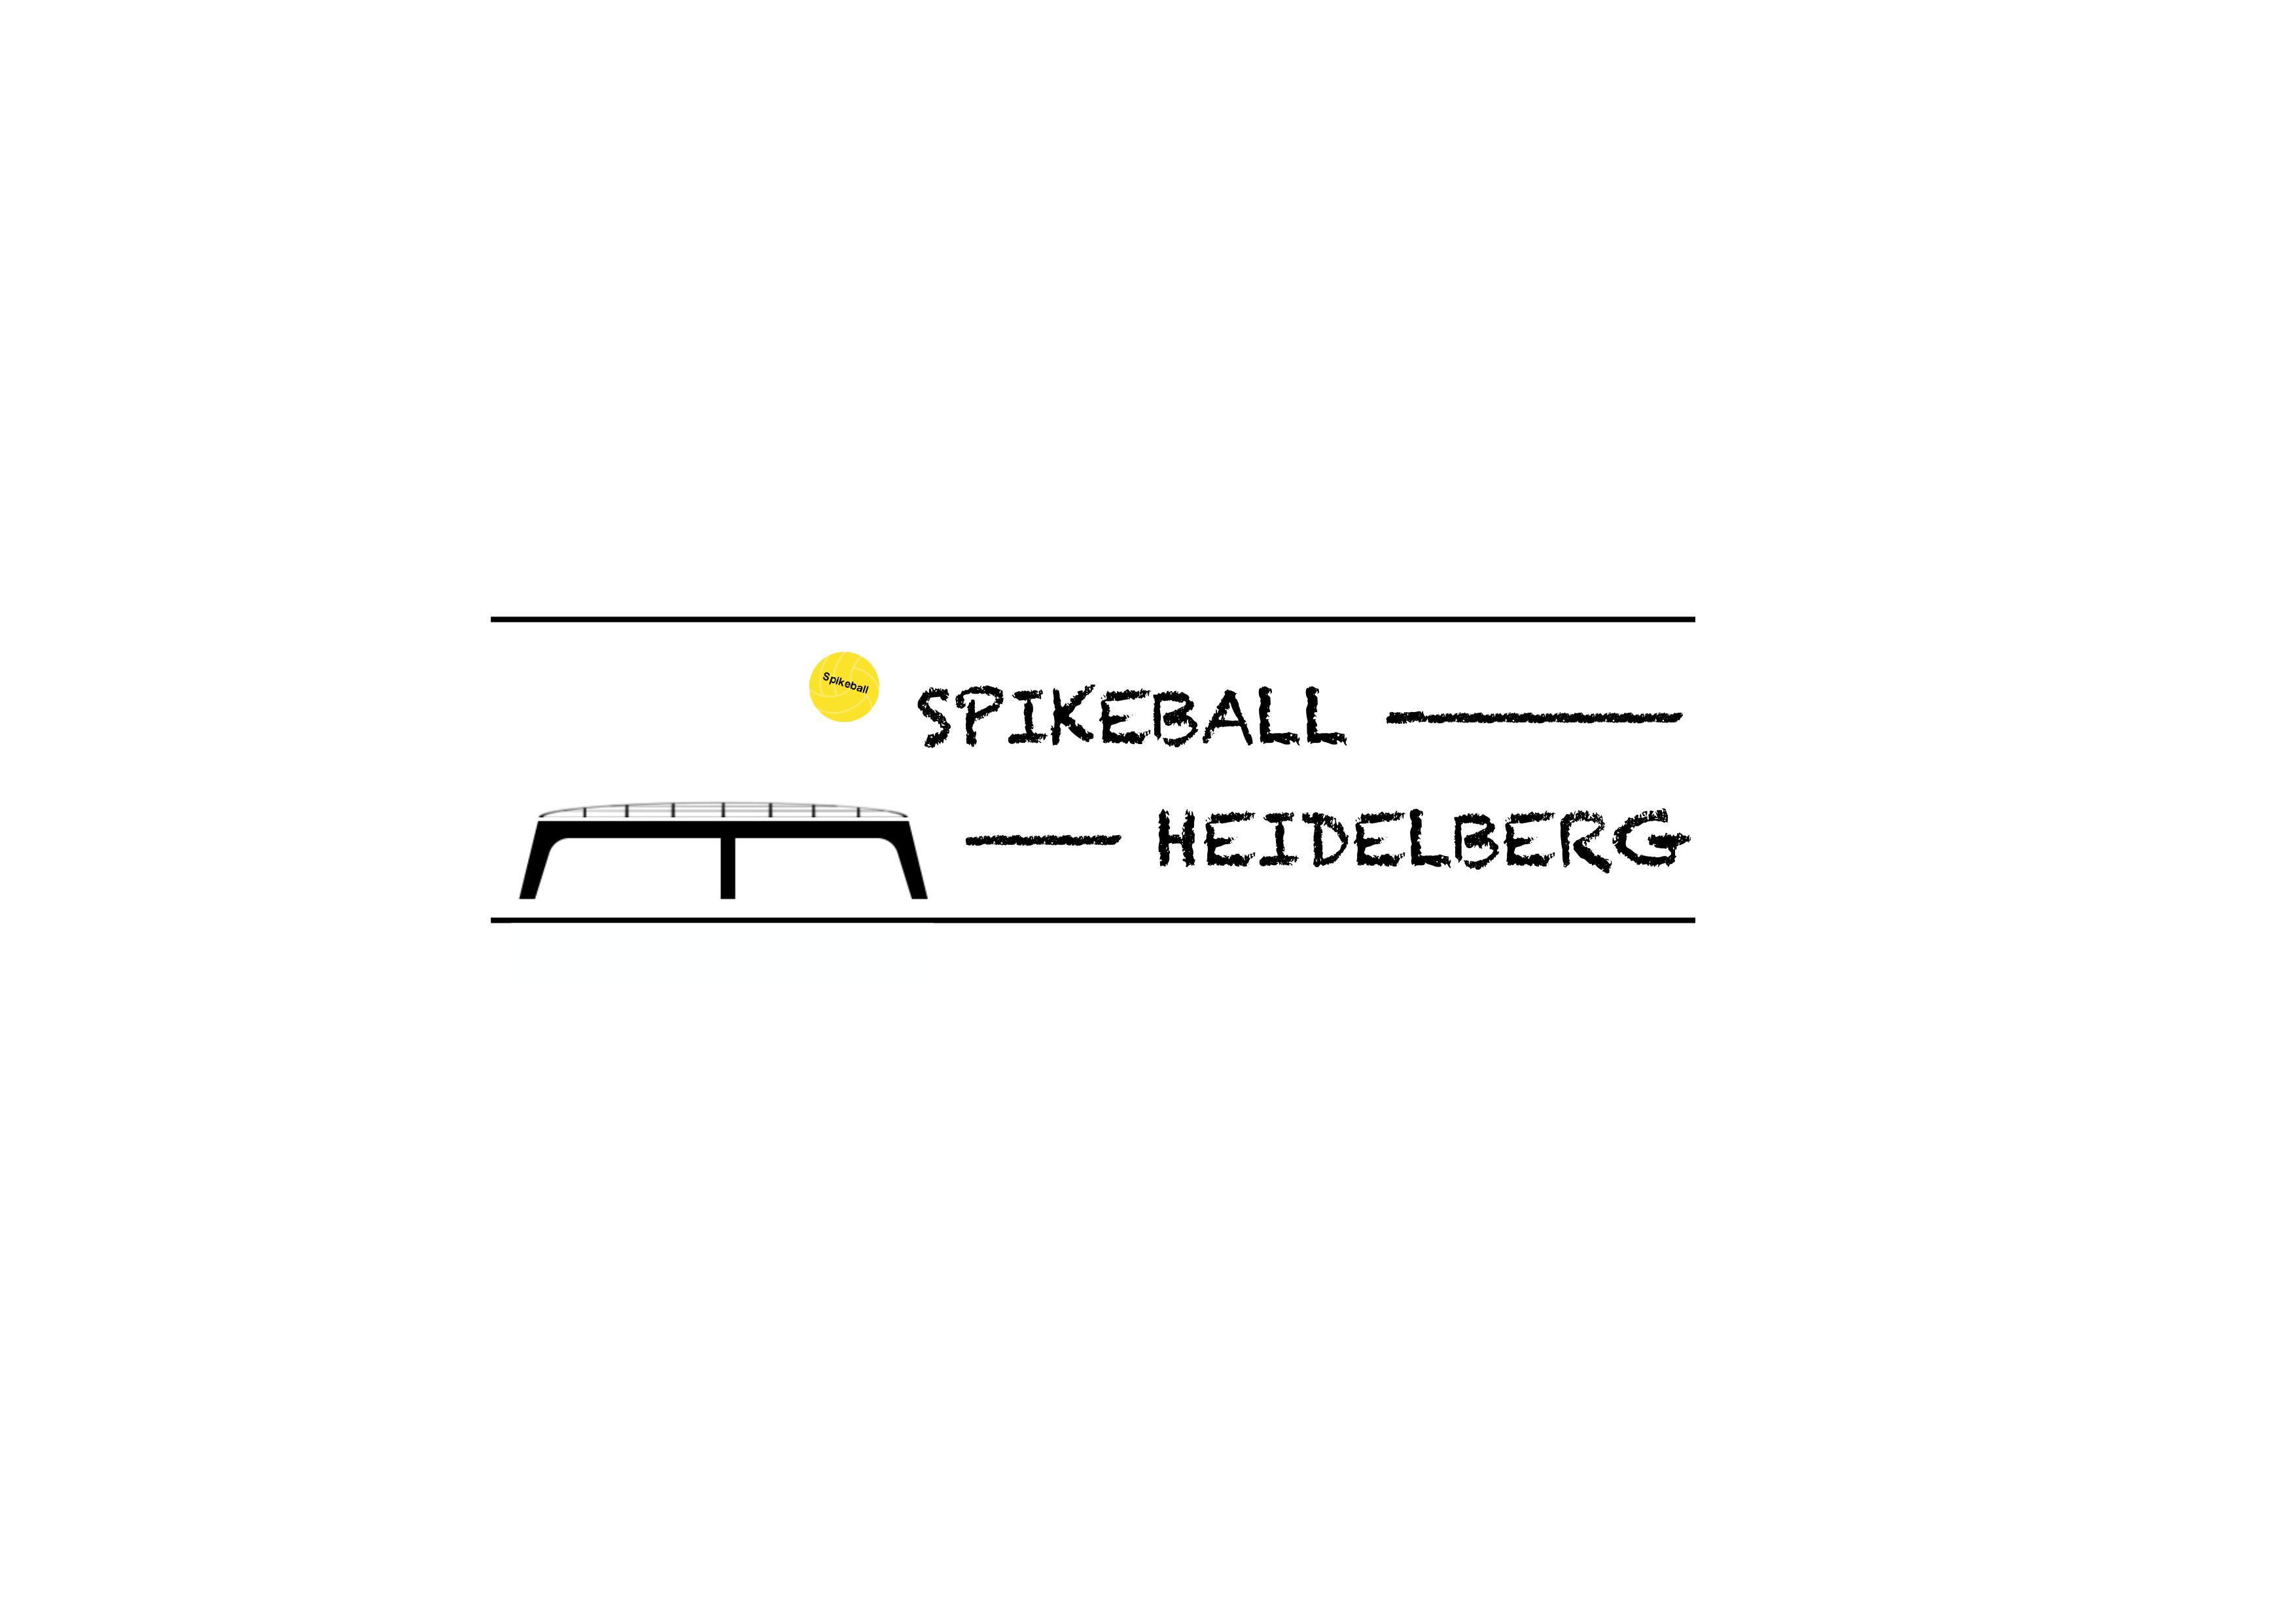 Spikeball Heidelberg